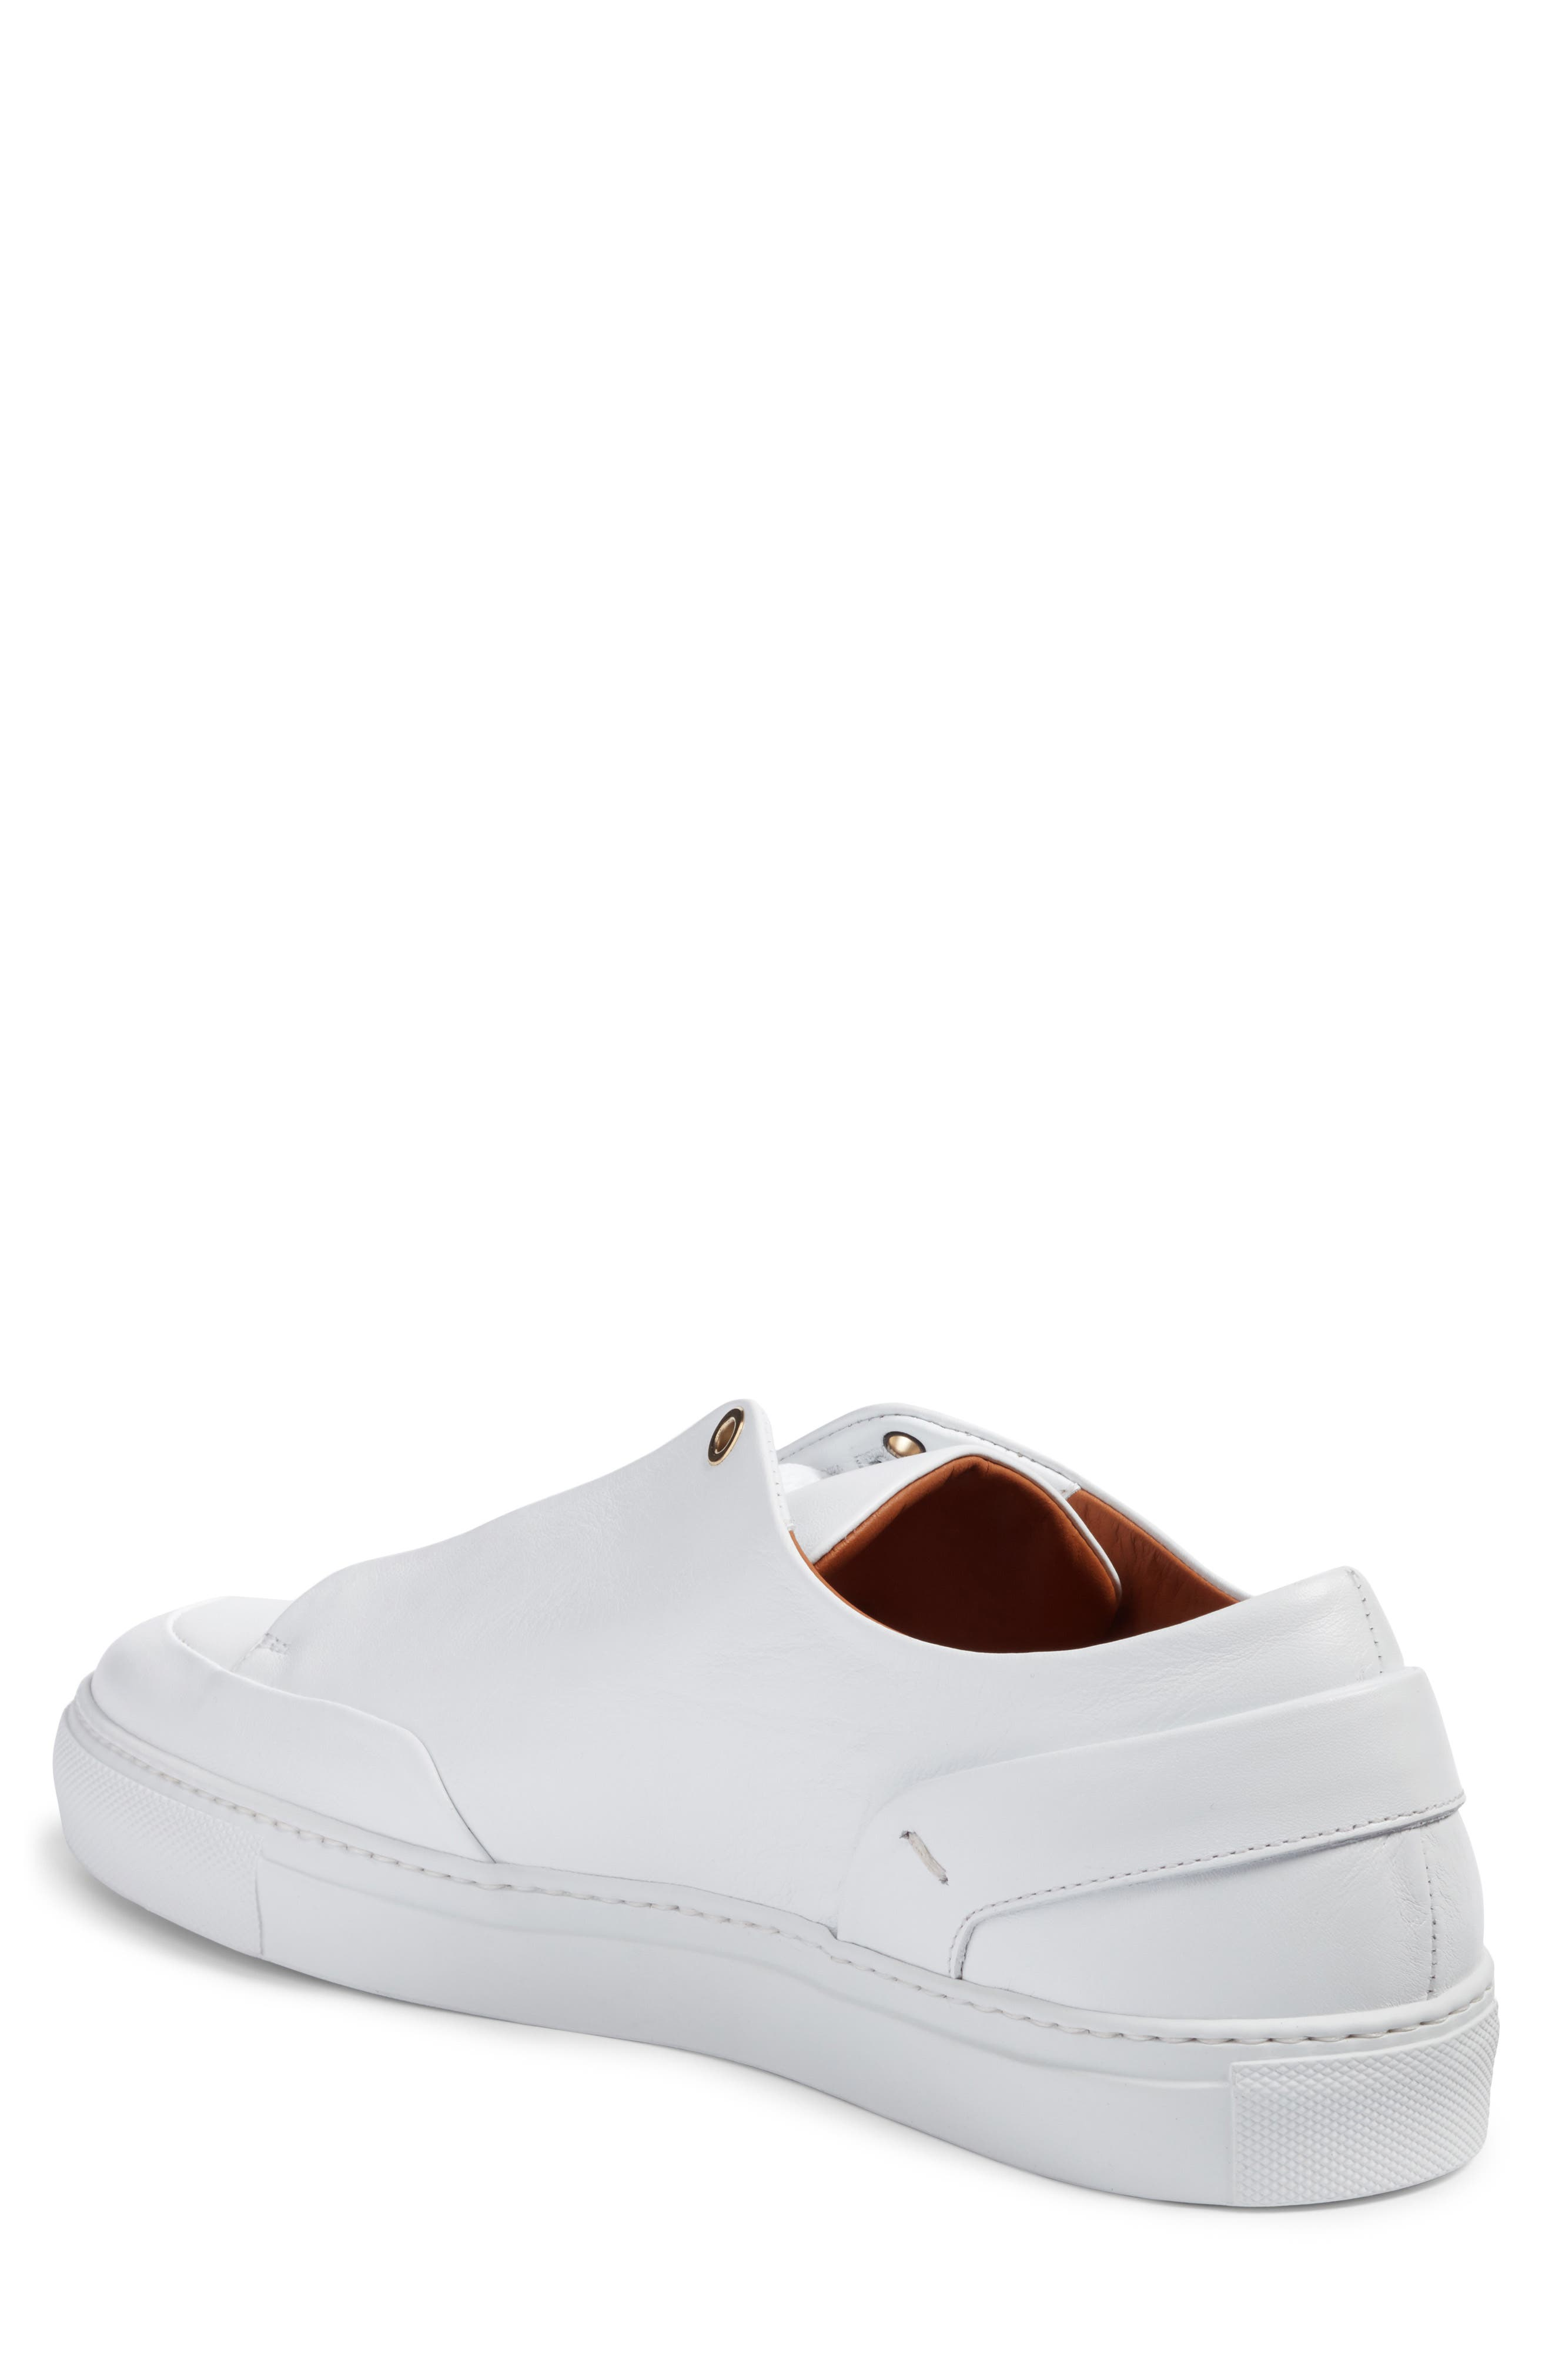 Alternate Image 2  - Grand Voyage Avedon Sneaker (Men)